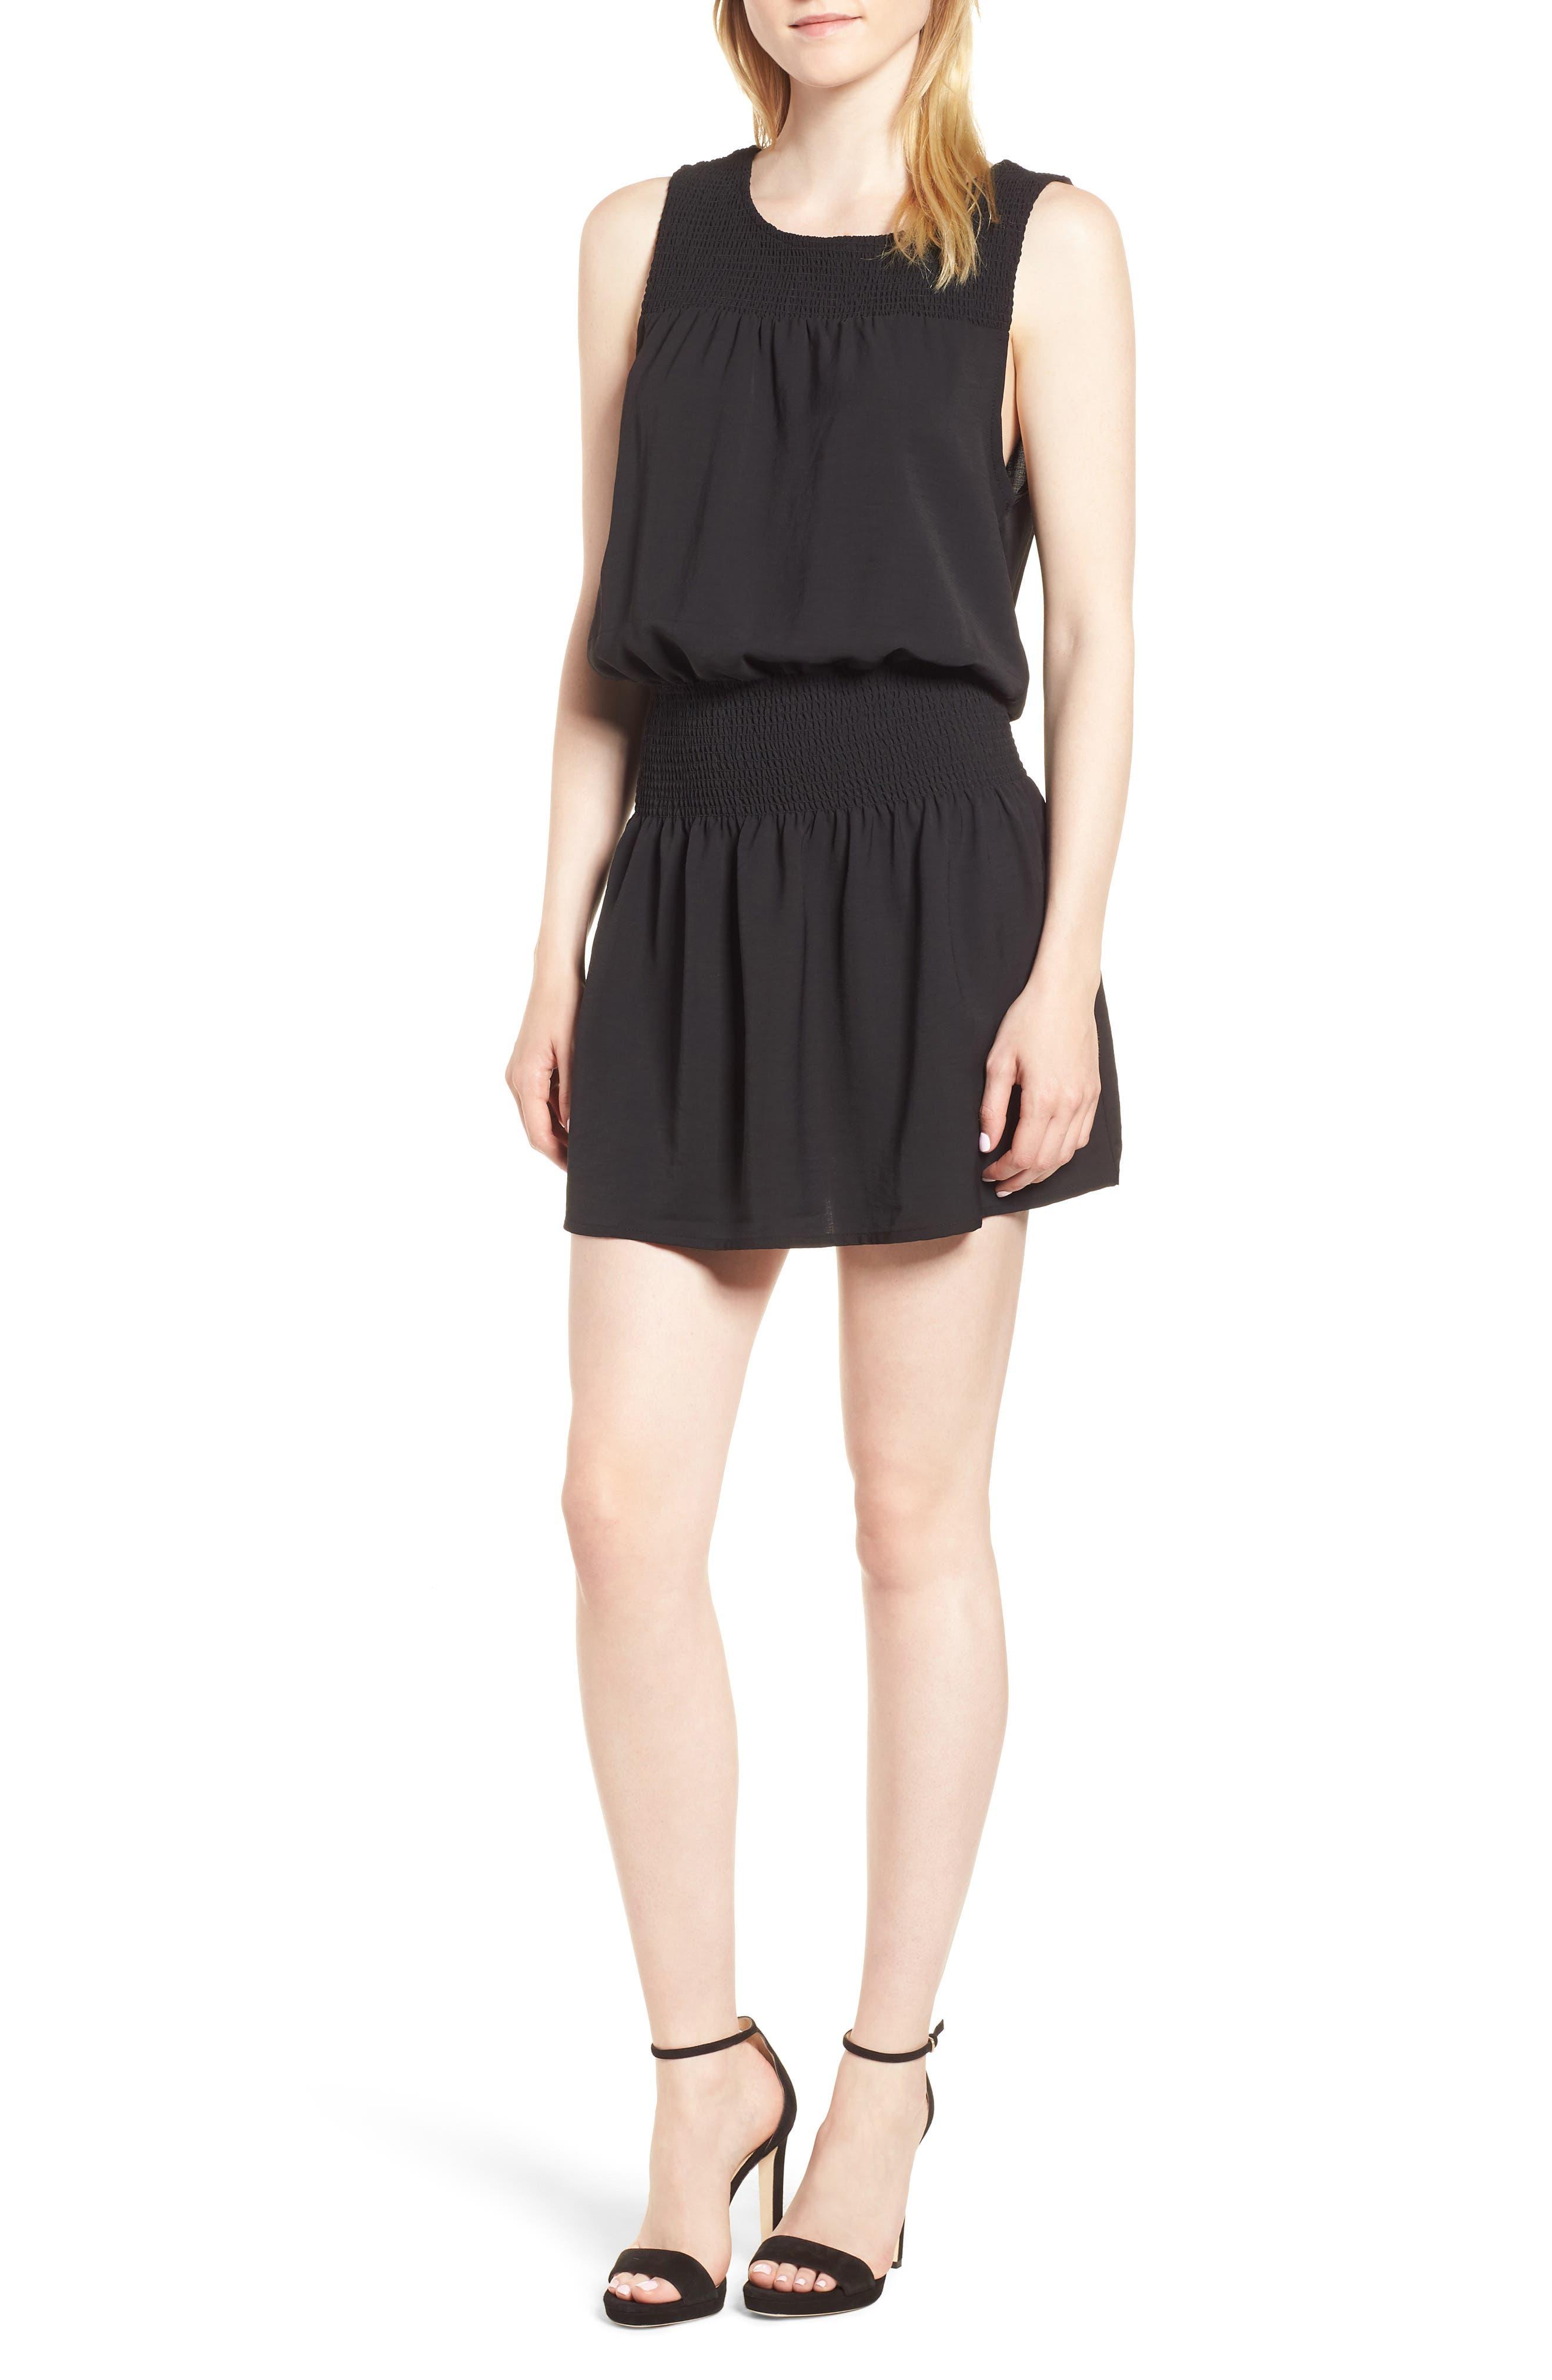 Bishop + Young Smocked Dress,                             Main thumbnail 1, color,                             BLACK